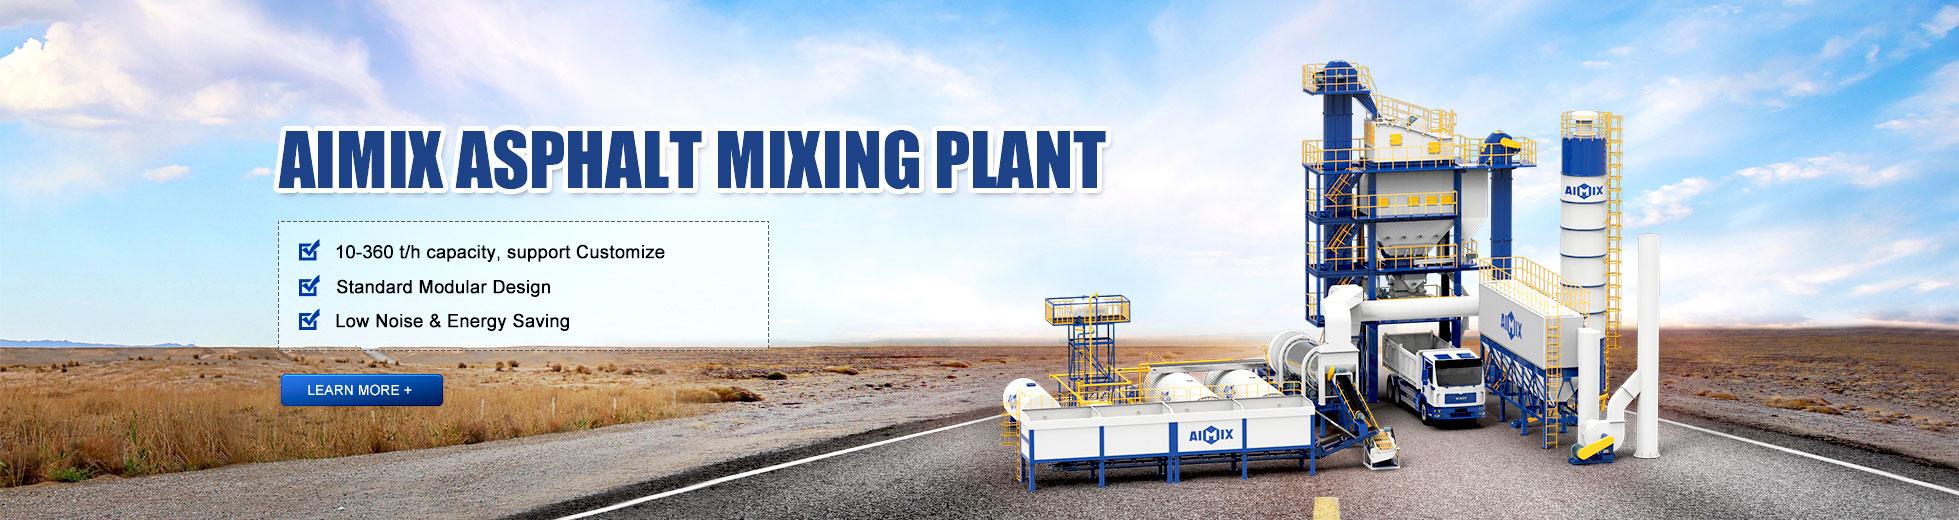 Aimix Asphalt Mixing Plant